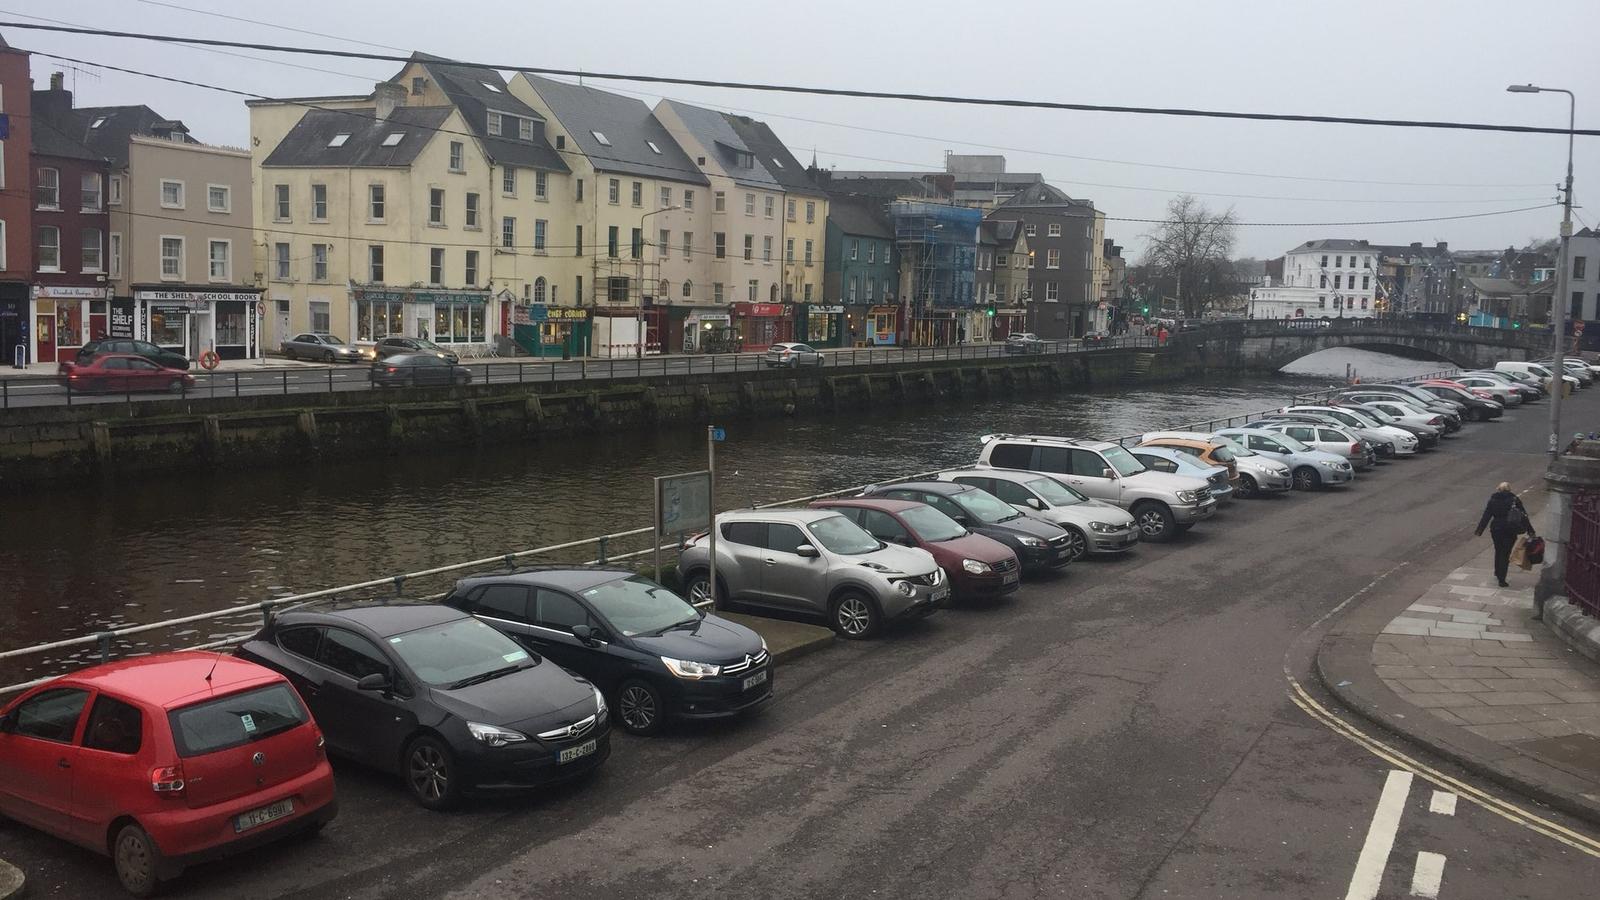 Visit Galway - Galway Oranmore